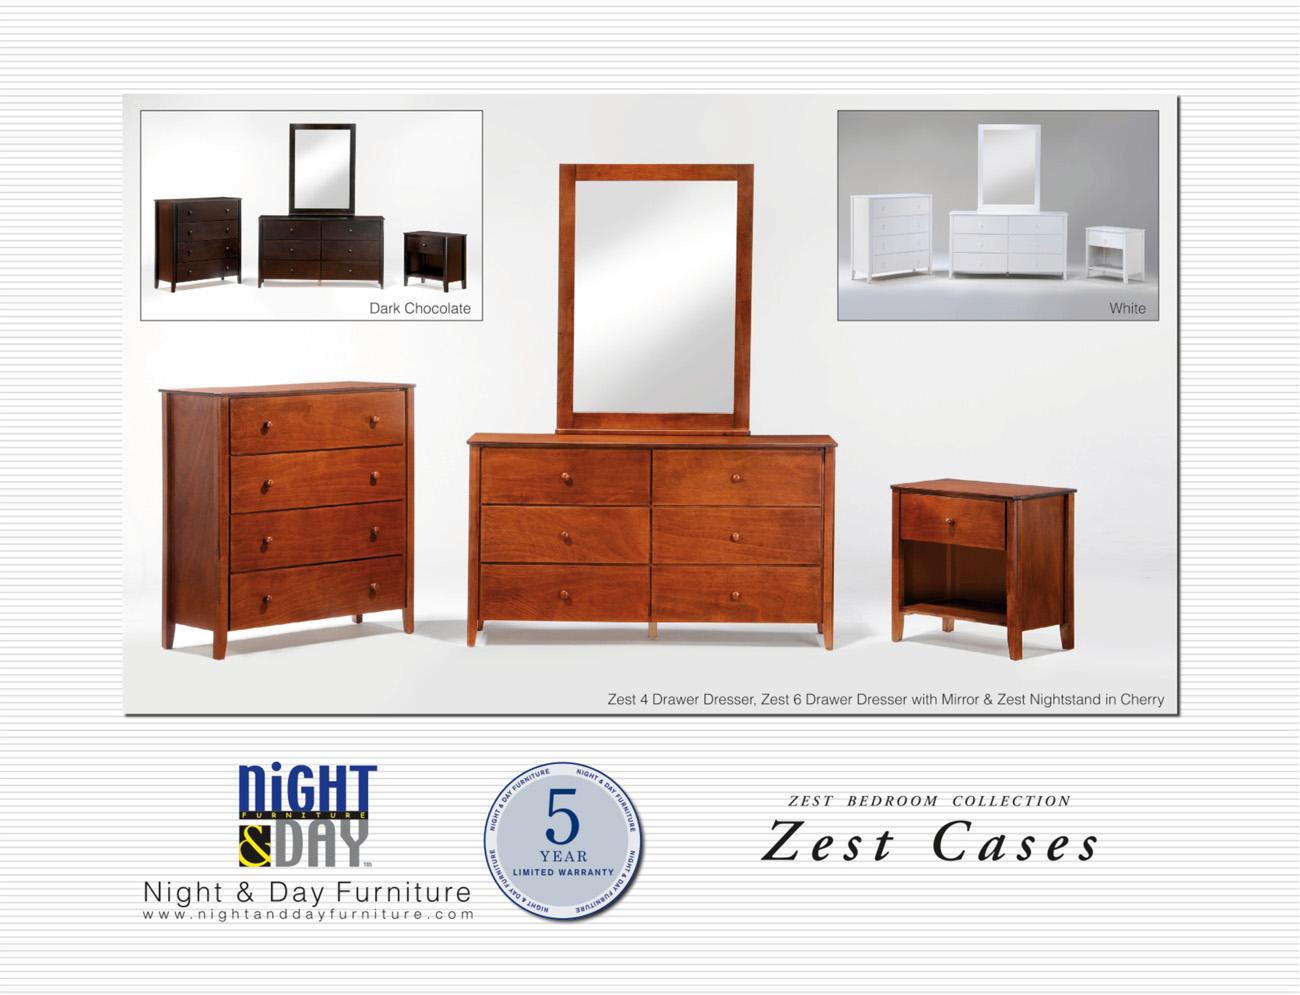 Zest-Case-Goods